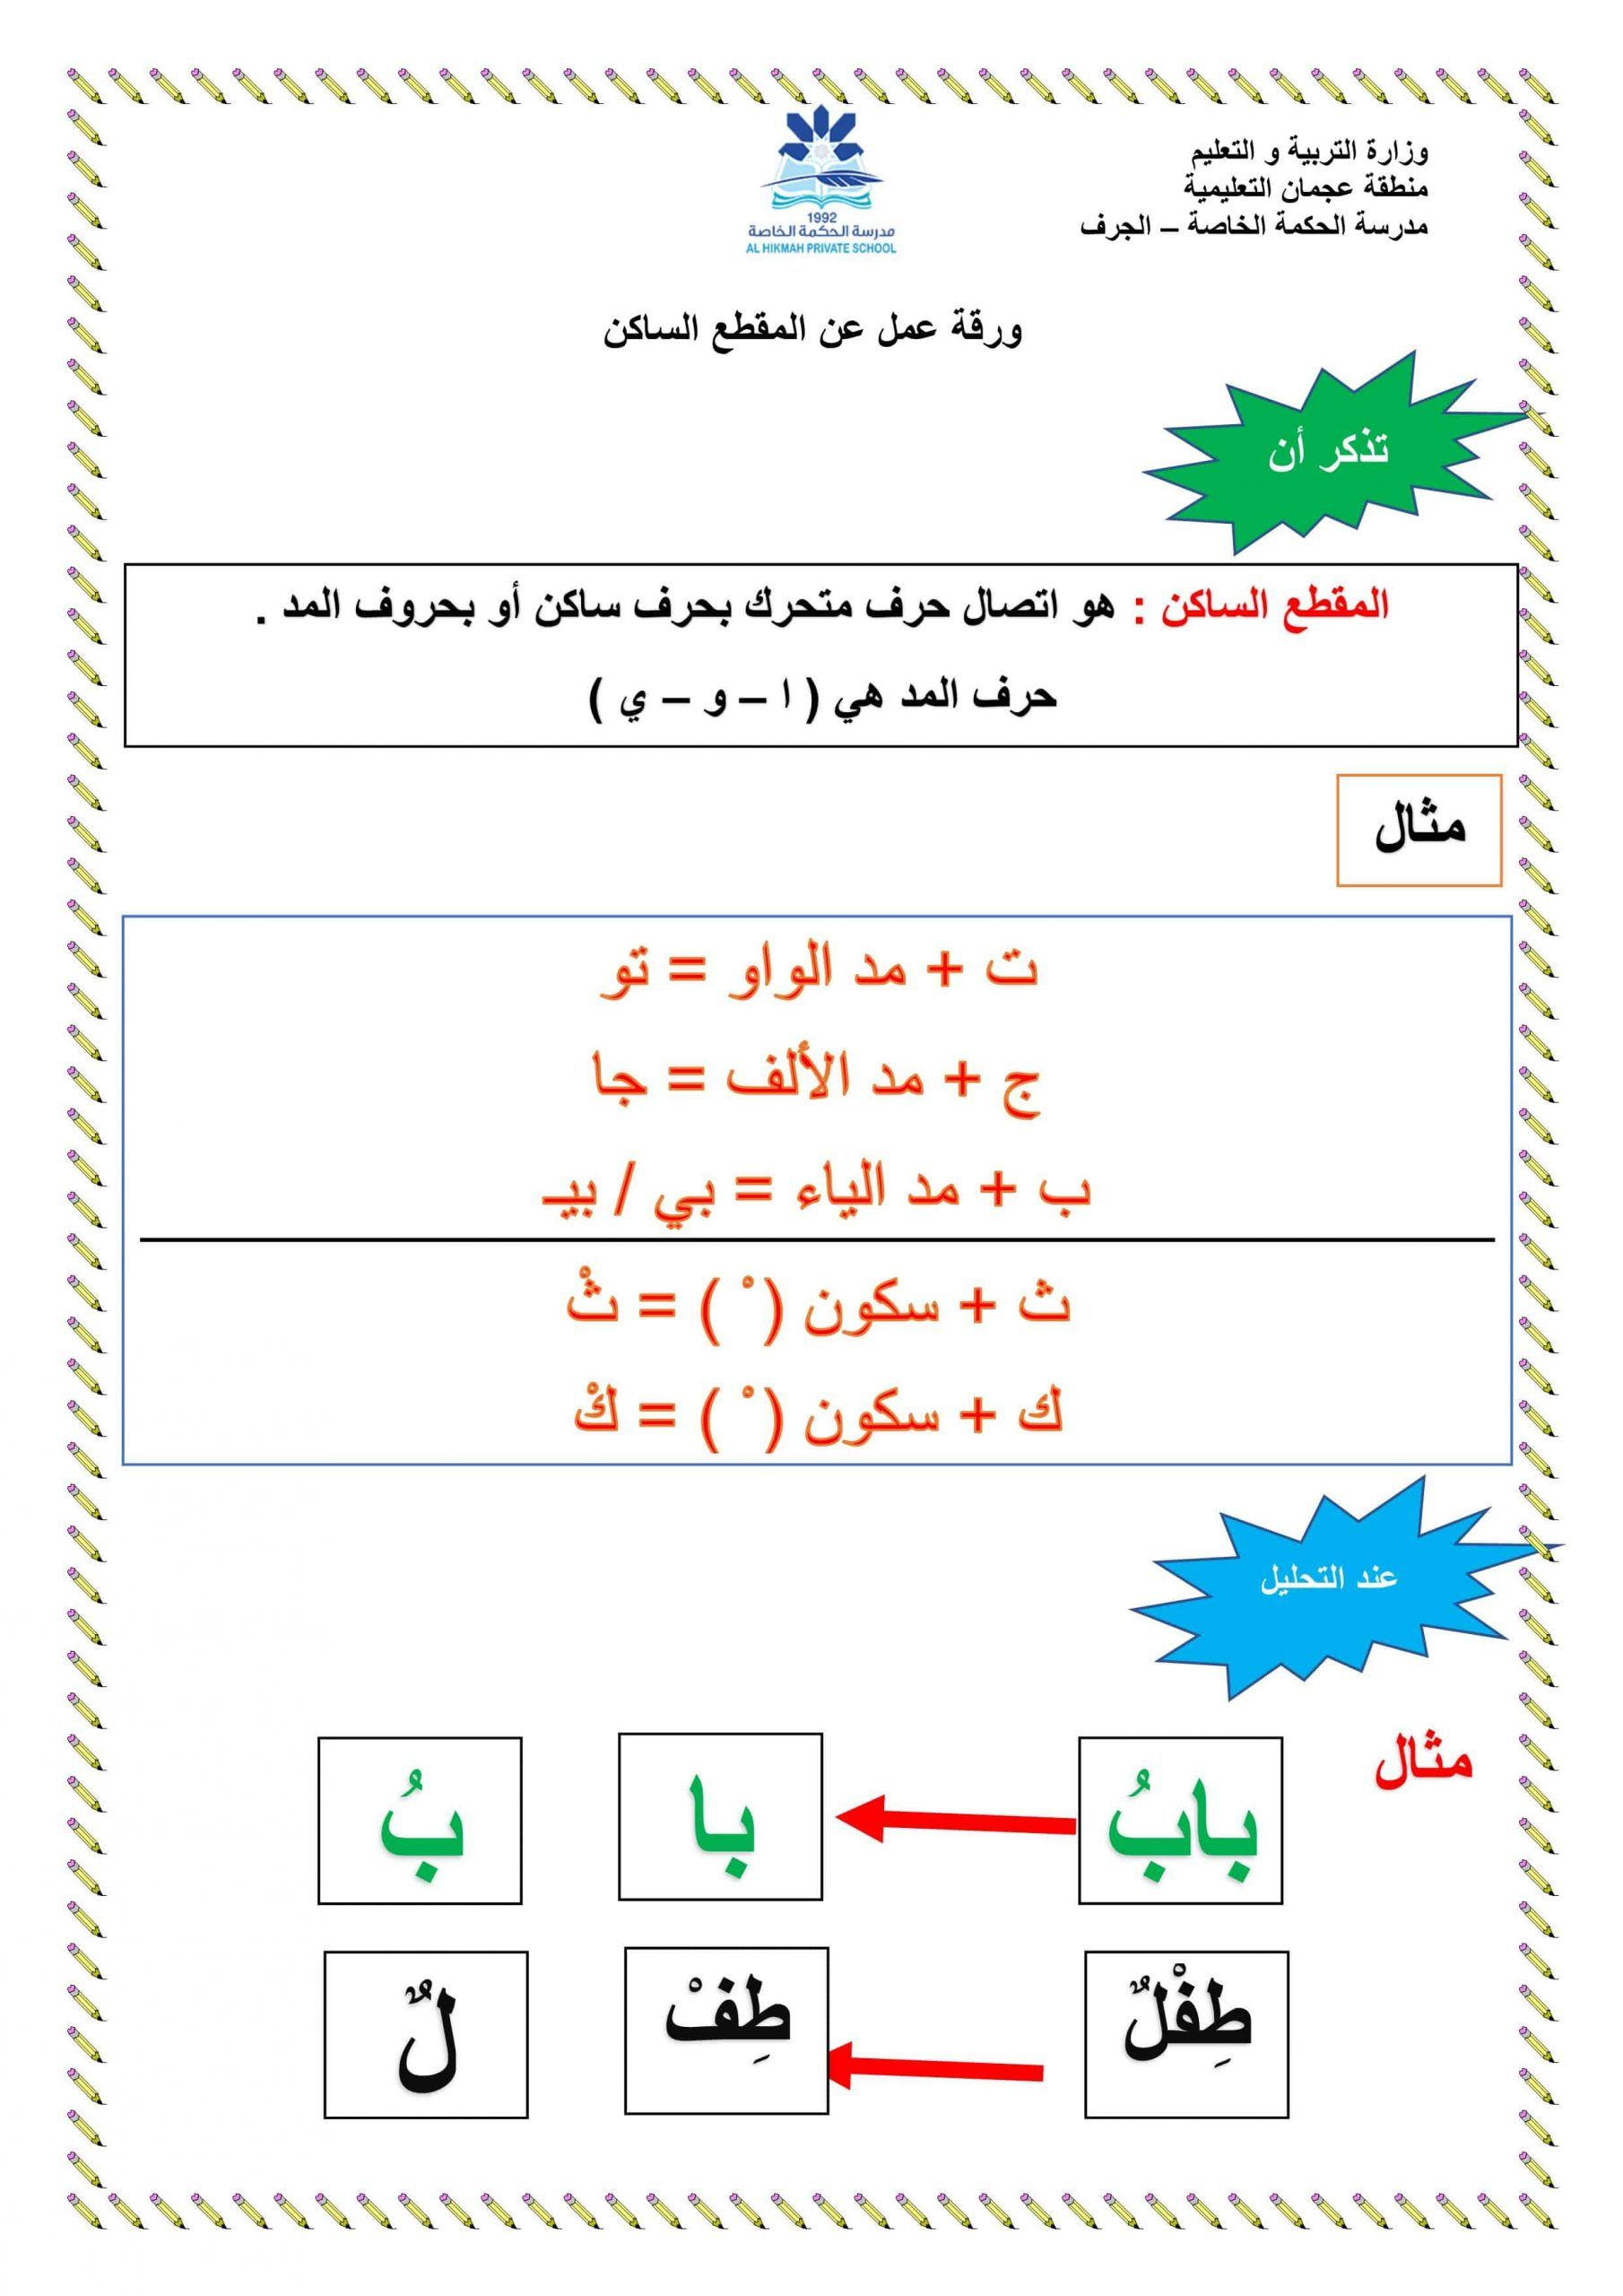 ورقة عمل درس المقطع الساكن الصف الأول مادة اللغة العربية In 2021 Words Word Search Puzzle Map